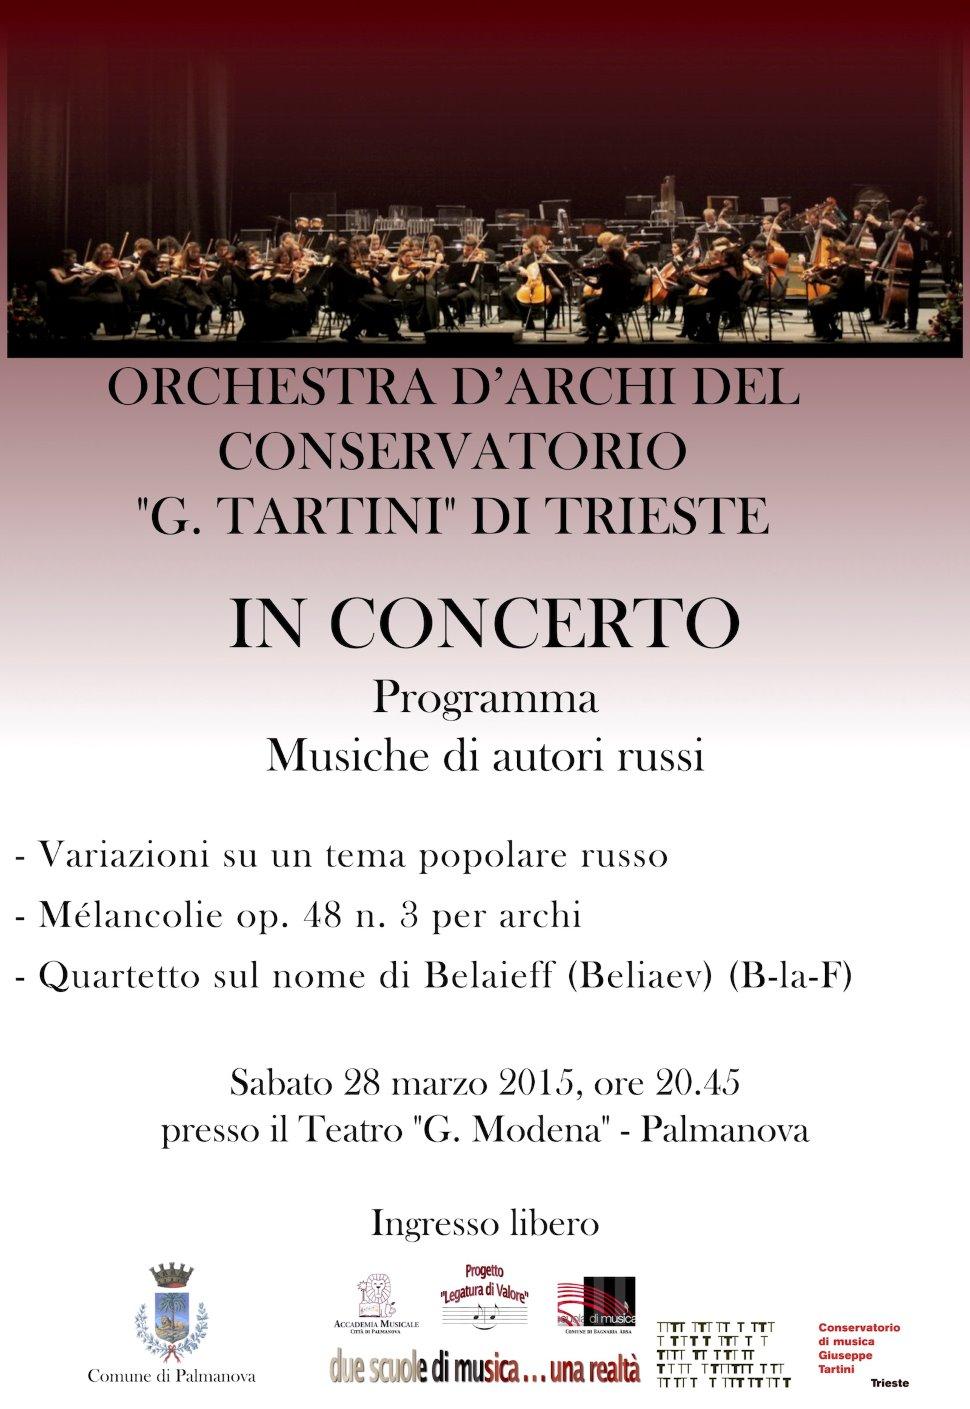 Orchestra d'archi del Conservatorio G. Tartini di Trieste